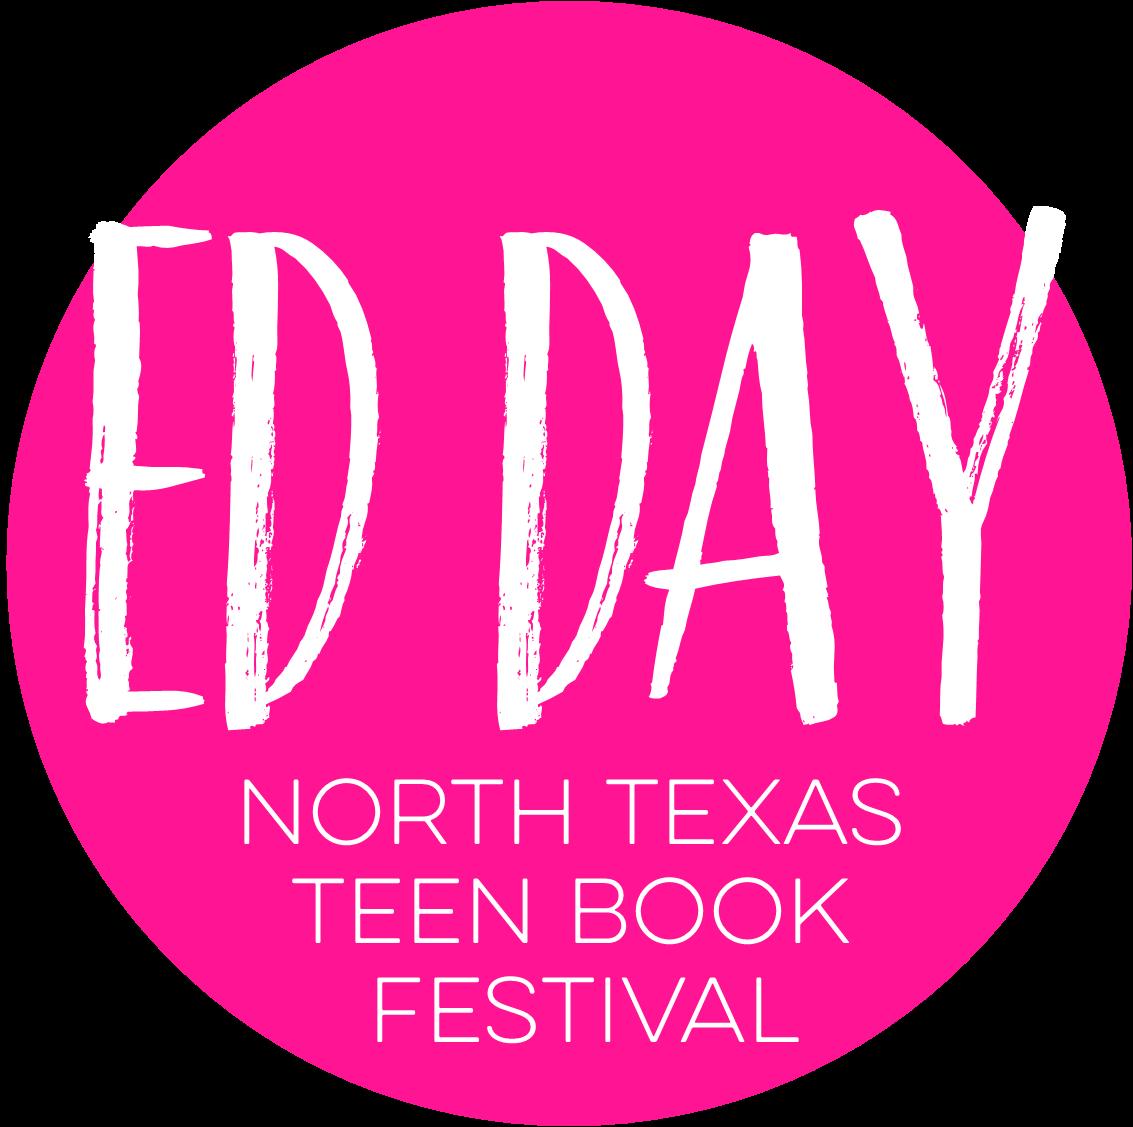 ed-day-circle-pink.png